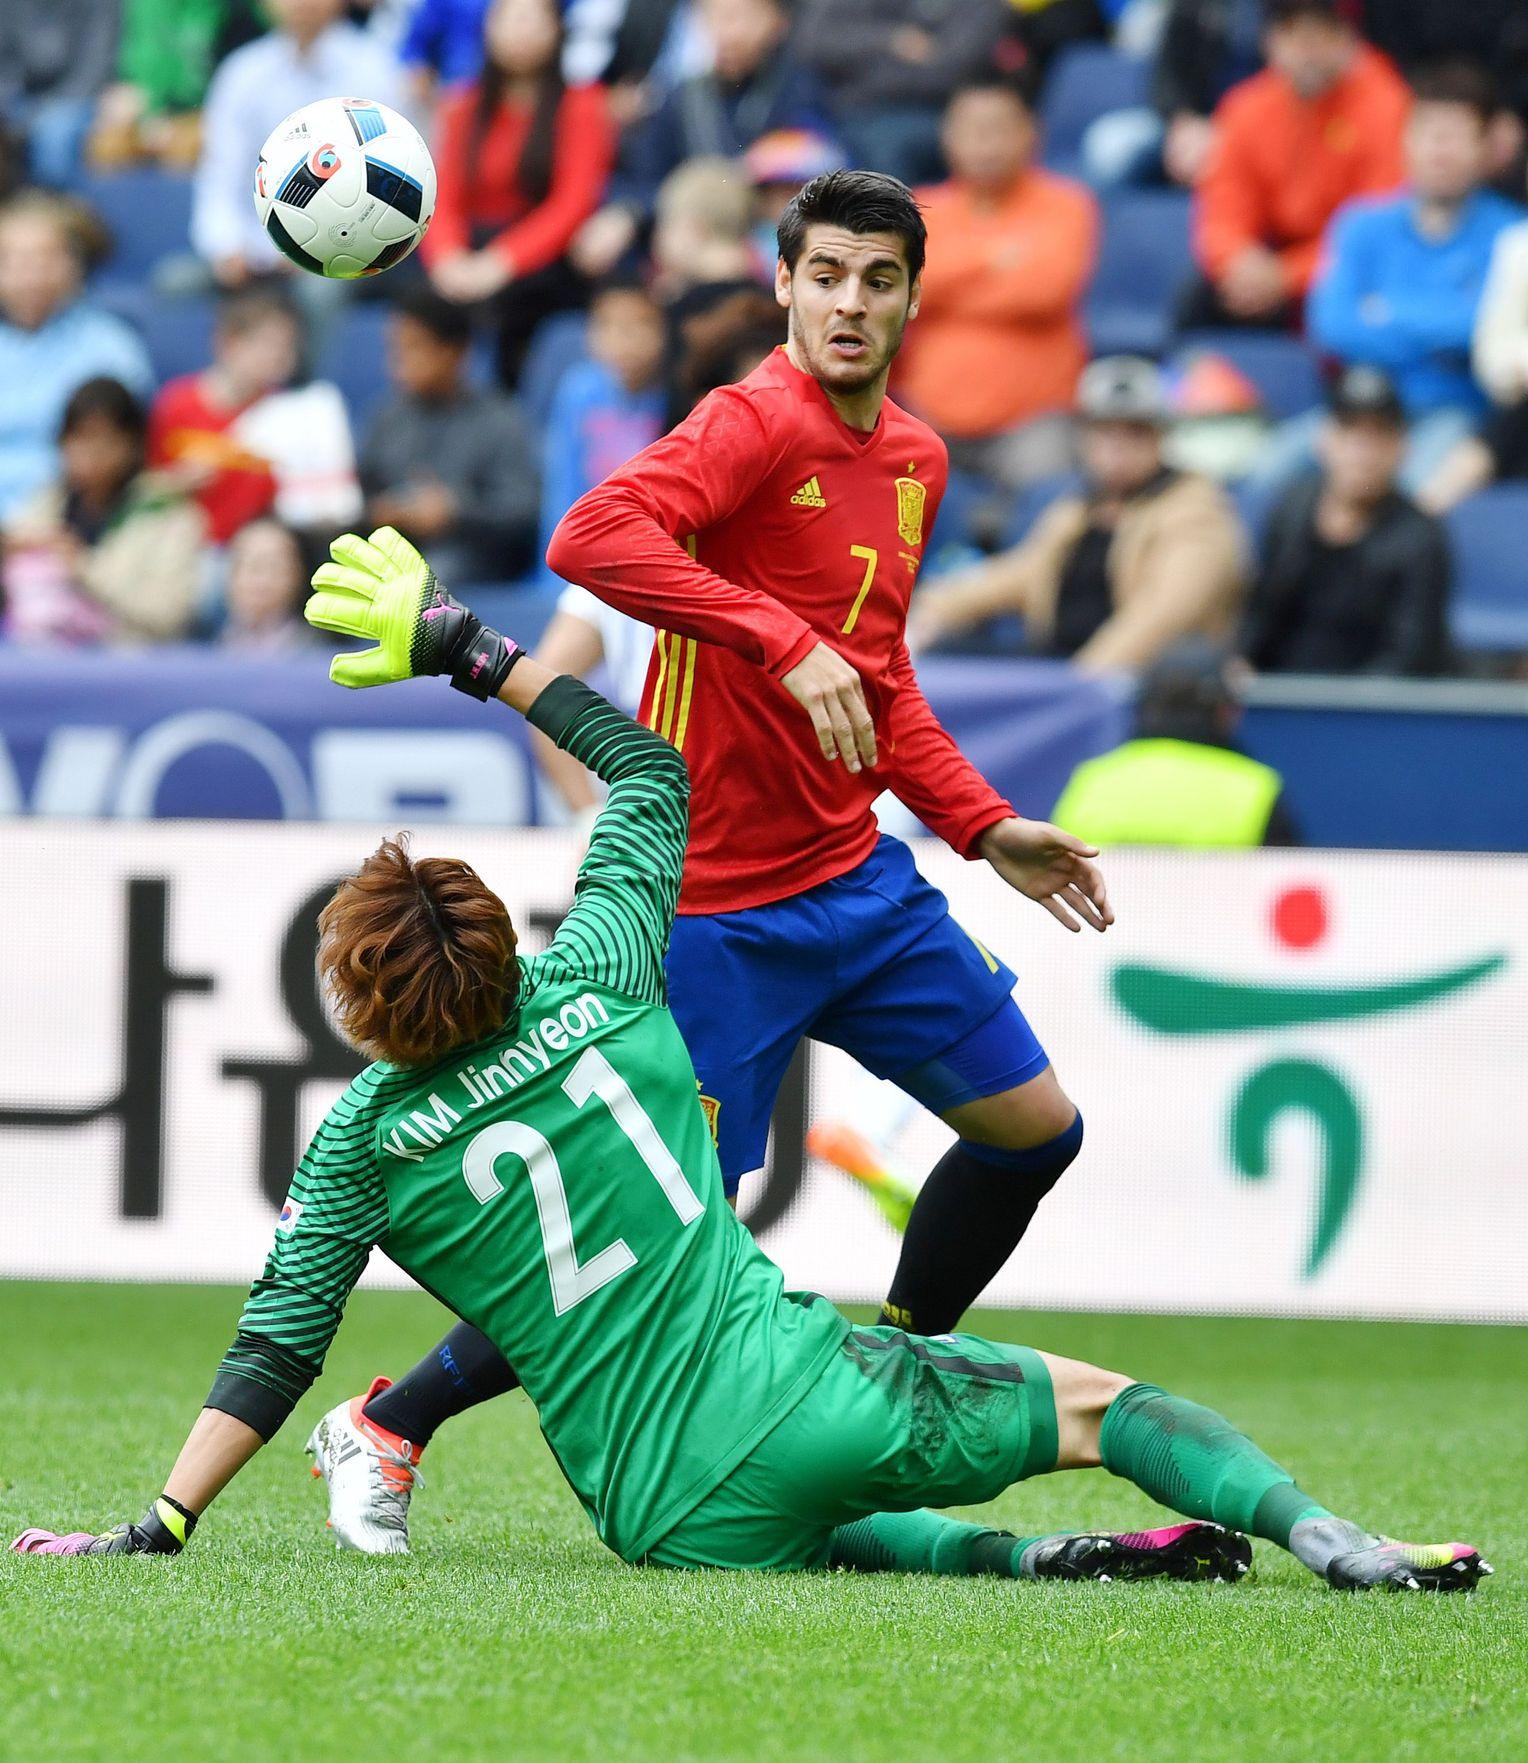 Wie Hat Spanien Gegen Tschechien Gespielt